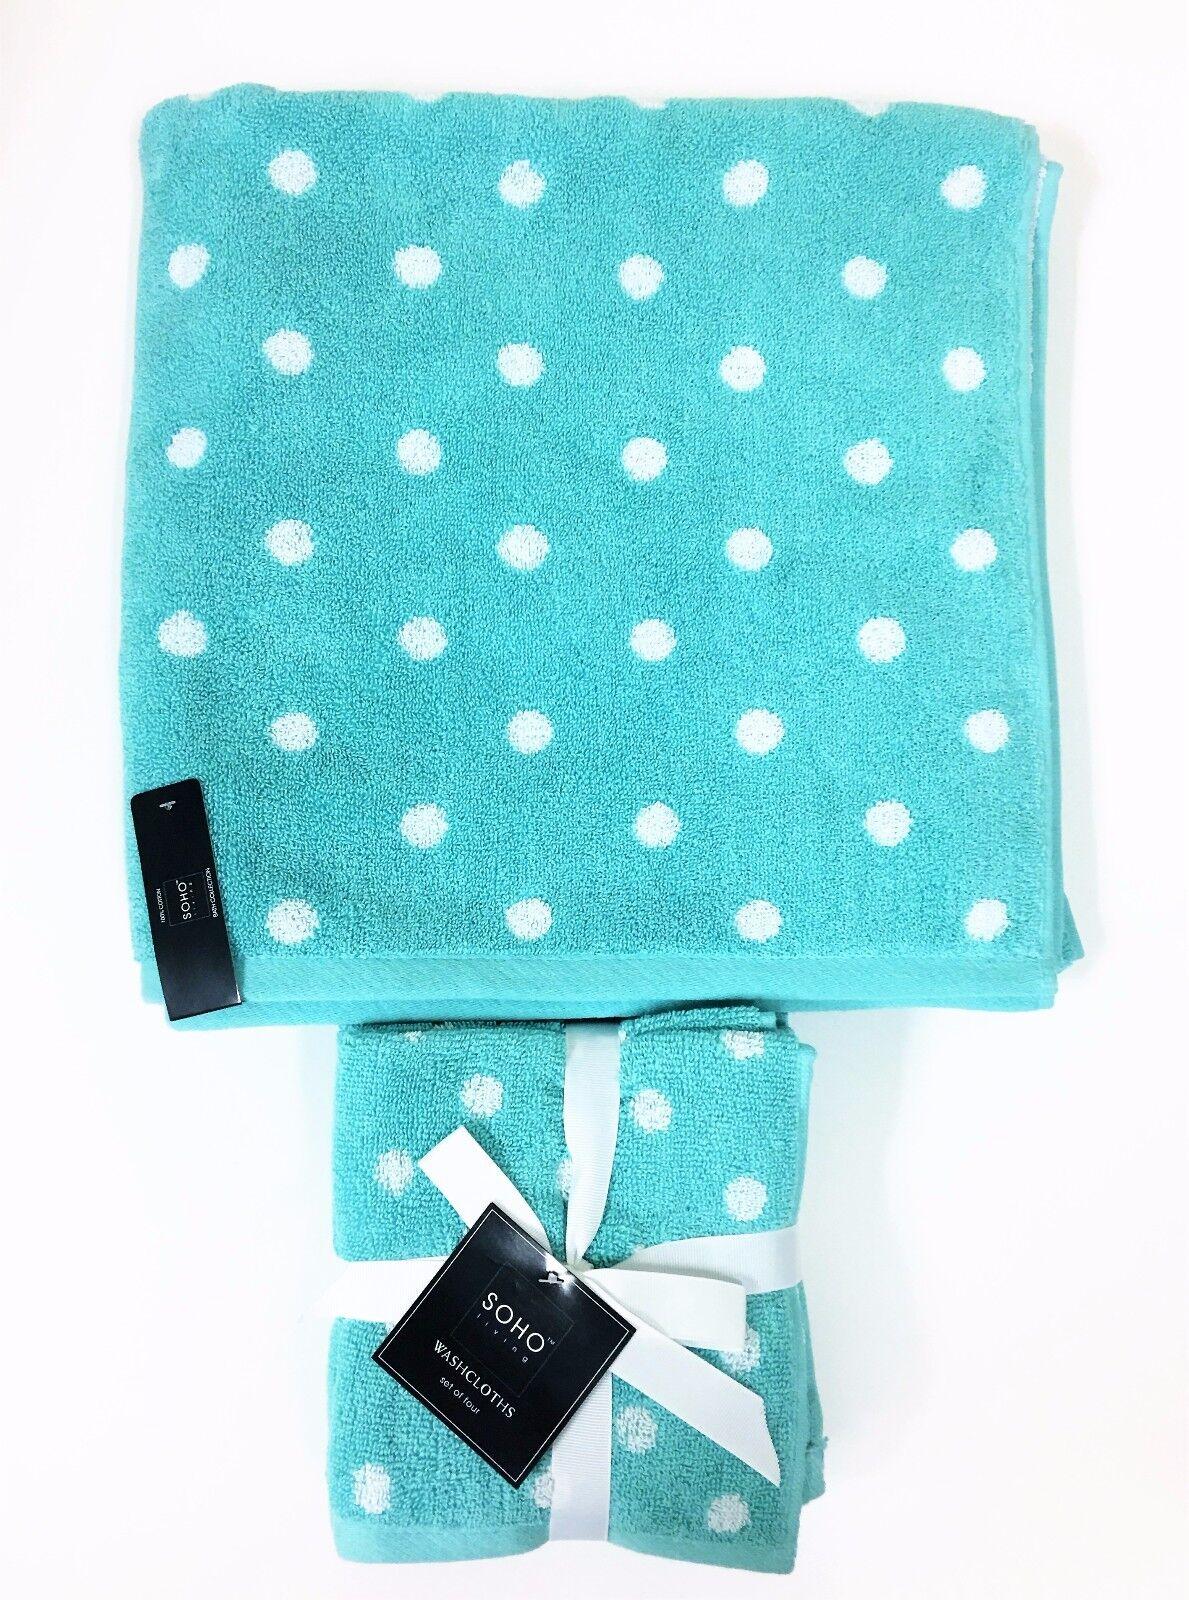 Neu 5 Teile Set Soho Blaugrün  Weiß Gepunktet, 1 Badetuch  4 Wasch Tuch | München Online Shop